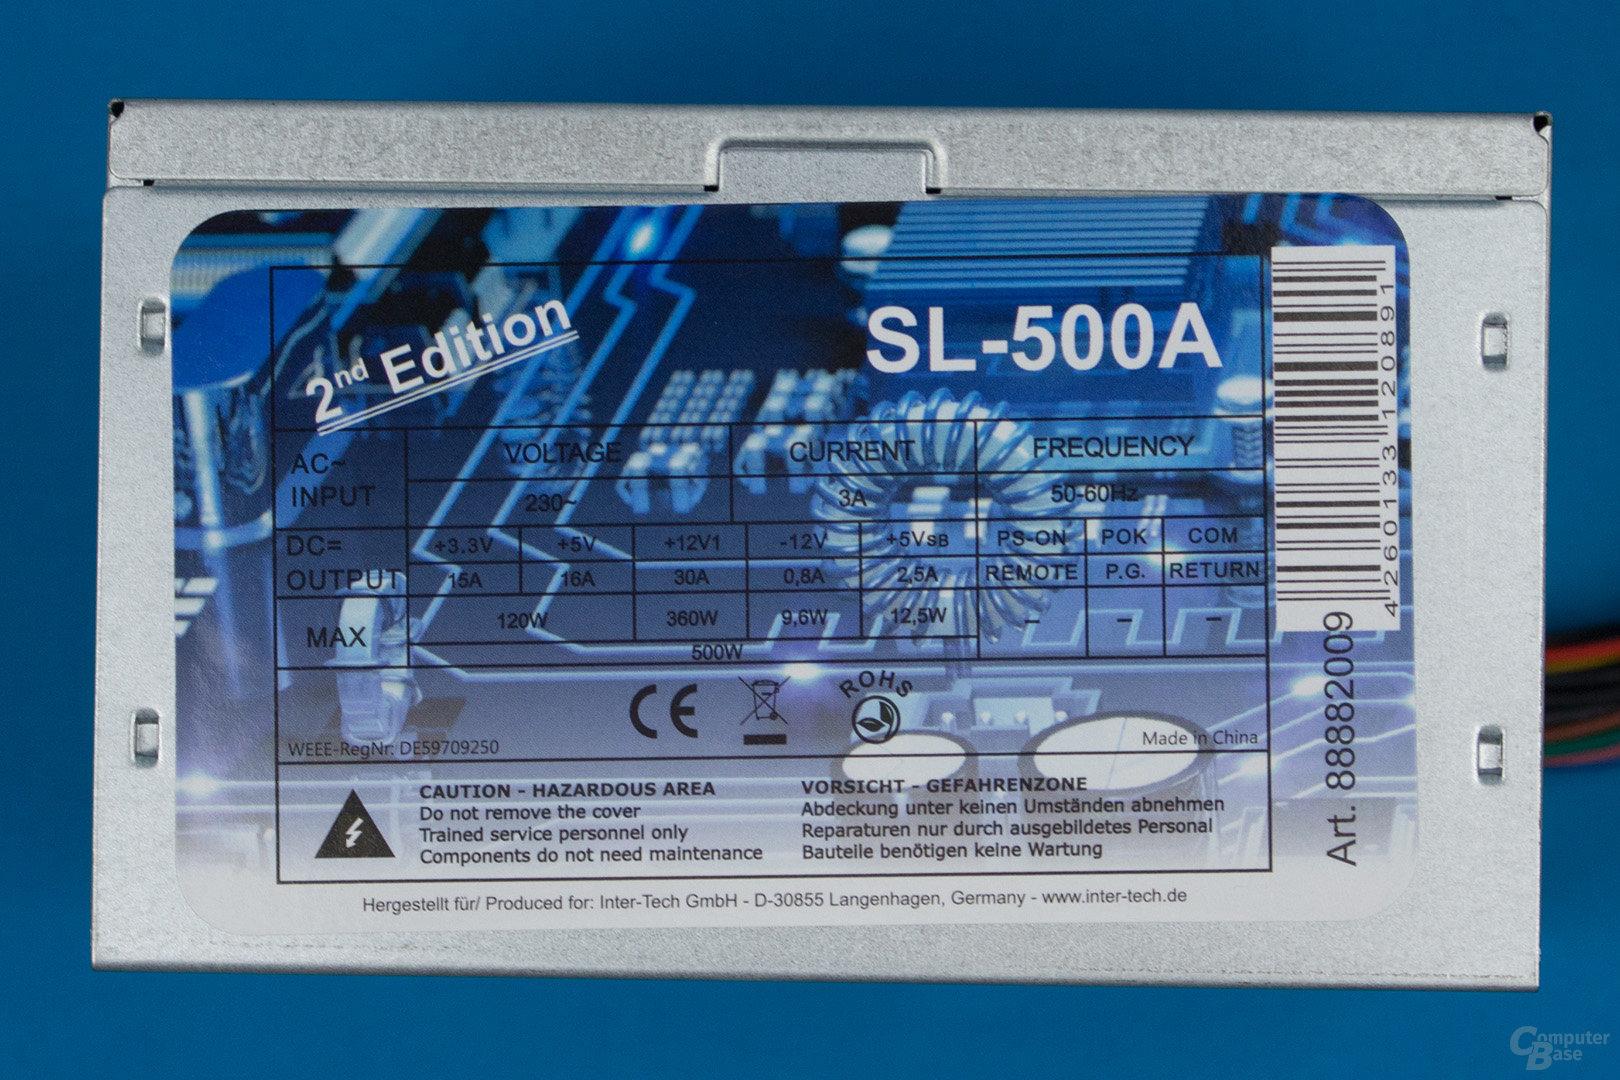 Inter-Tech SL-500A 2nd Edition